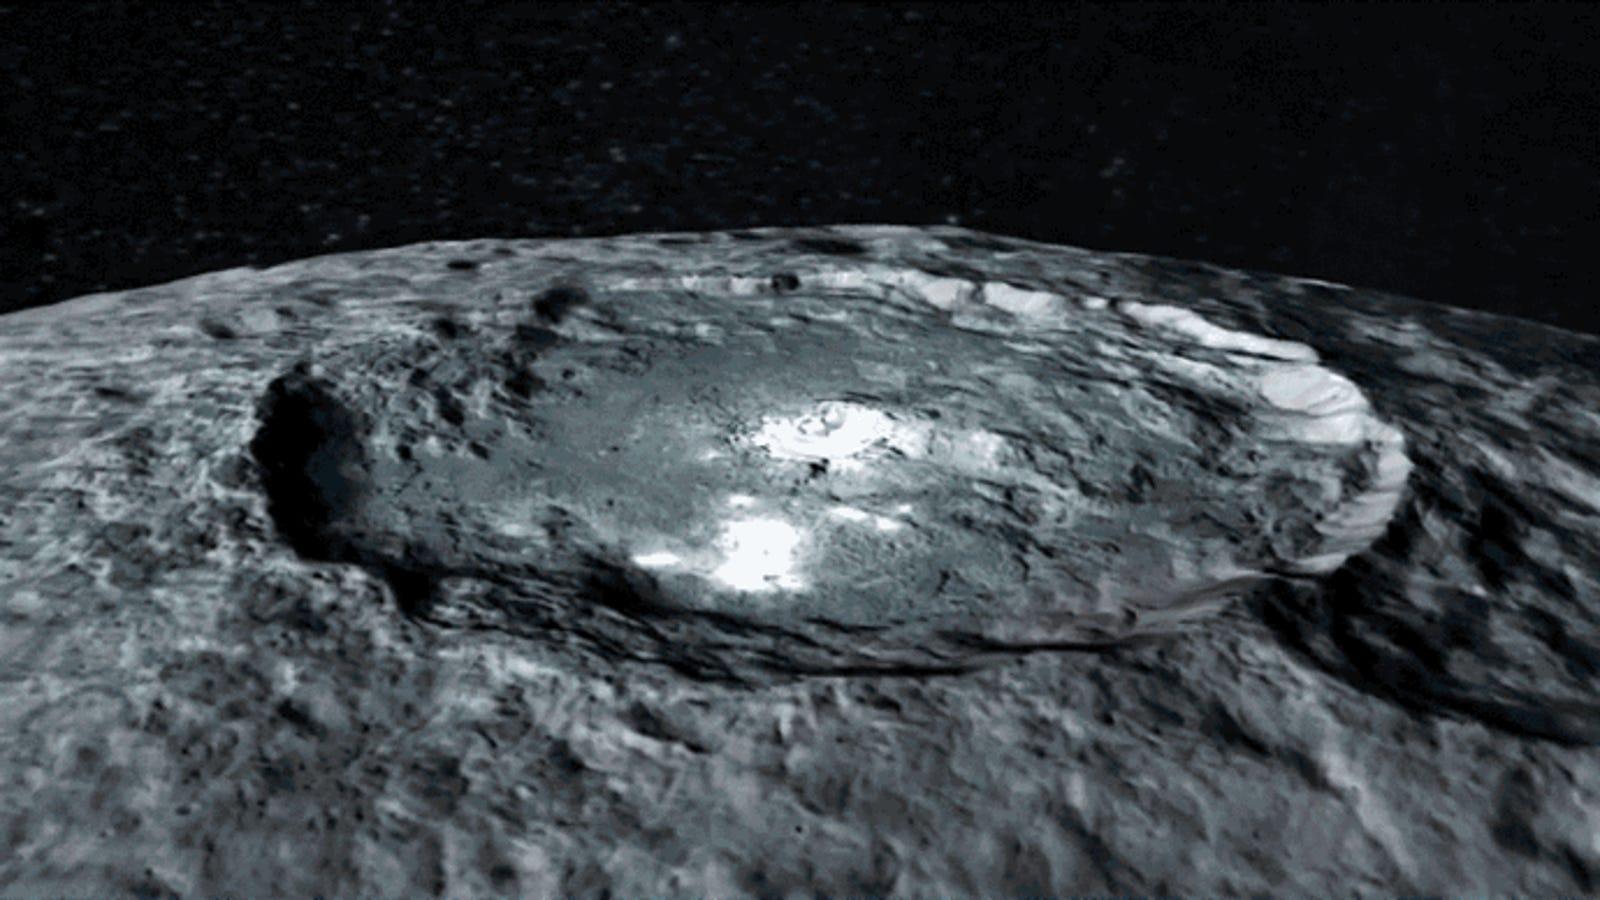 Un paseo relajado por Ceres nos descubre las tres tonalidades de su superficie